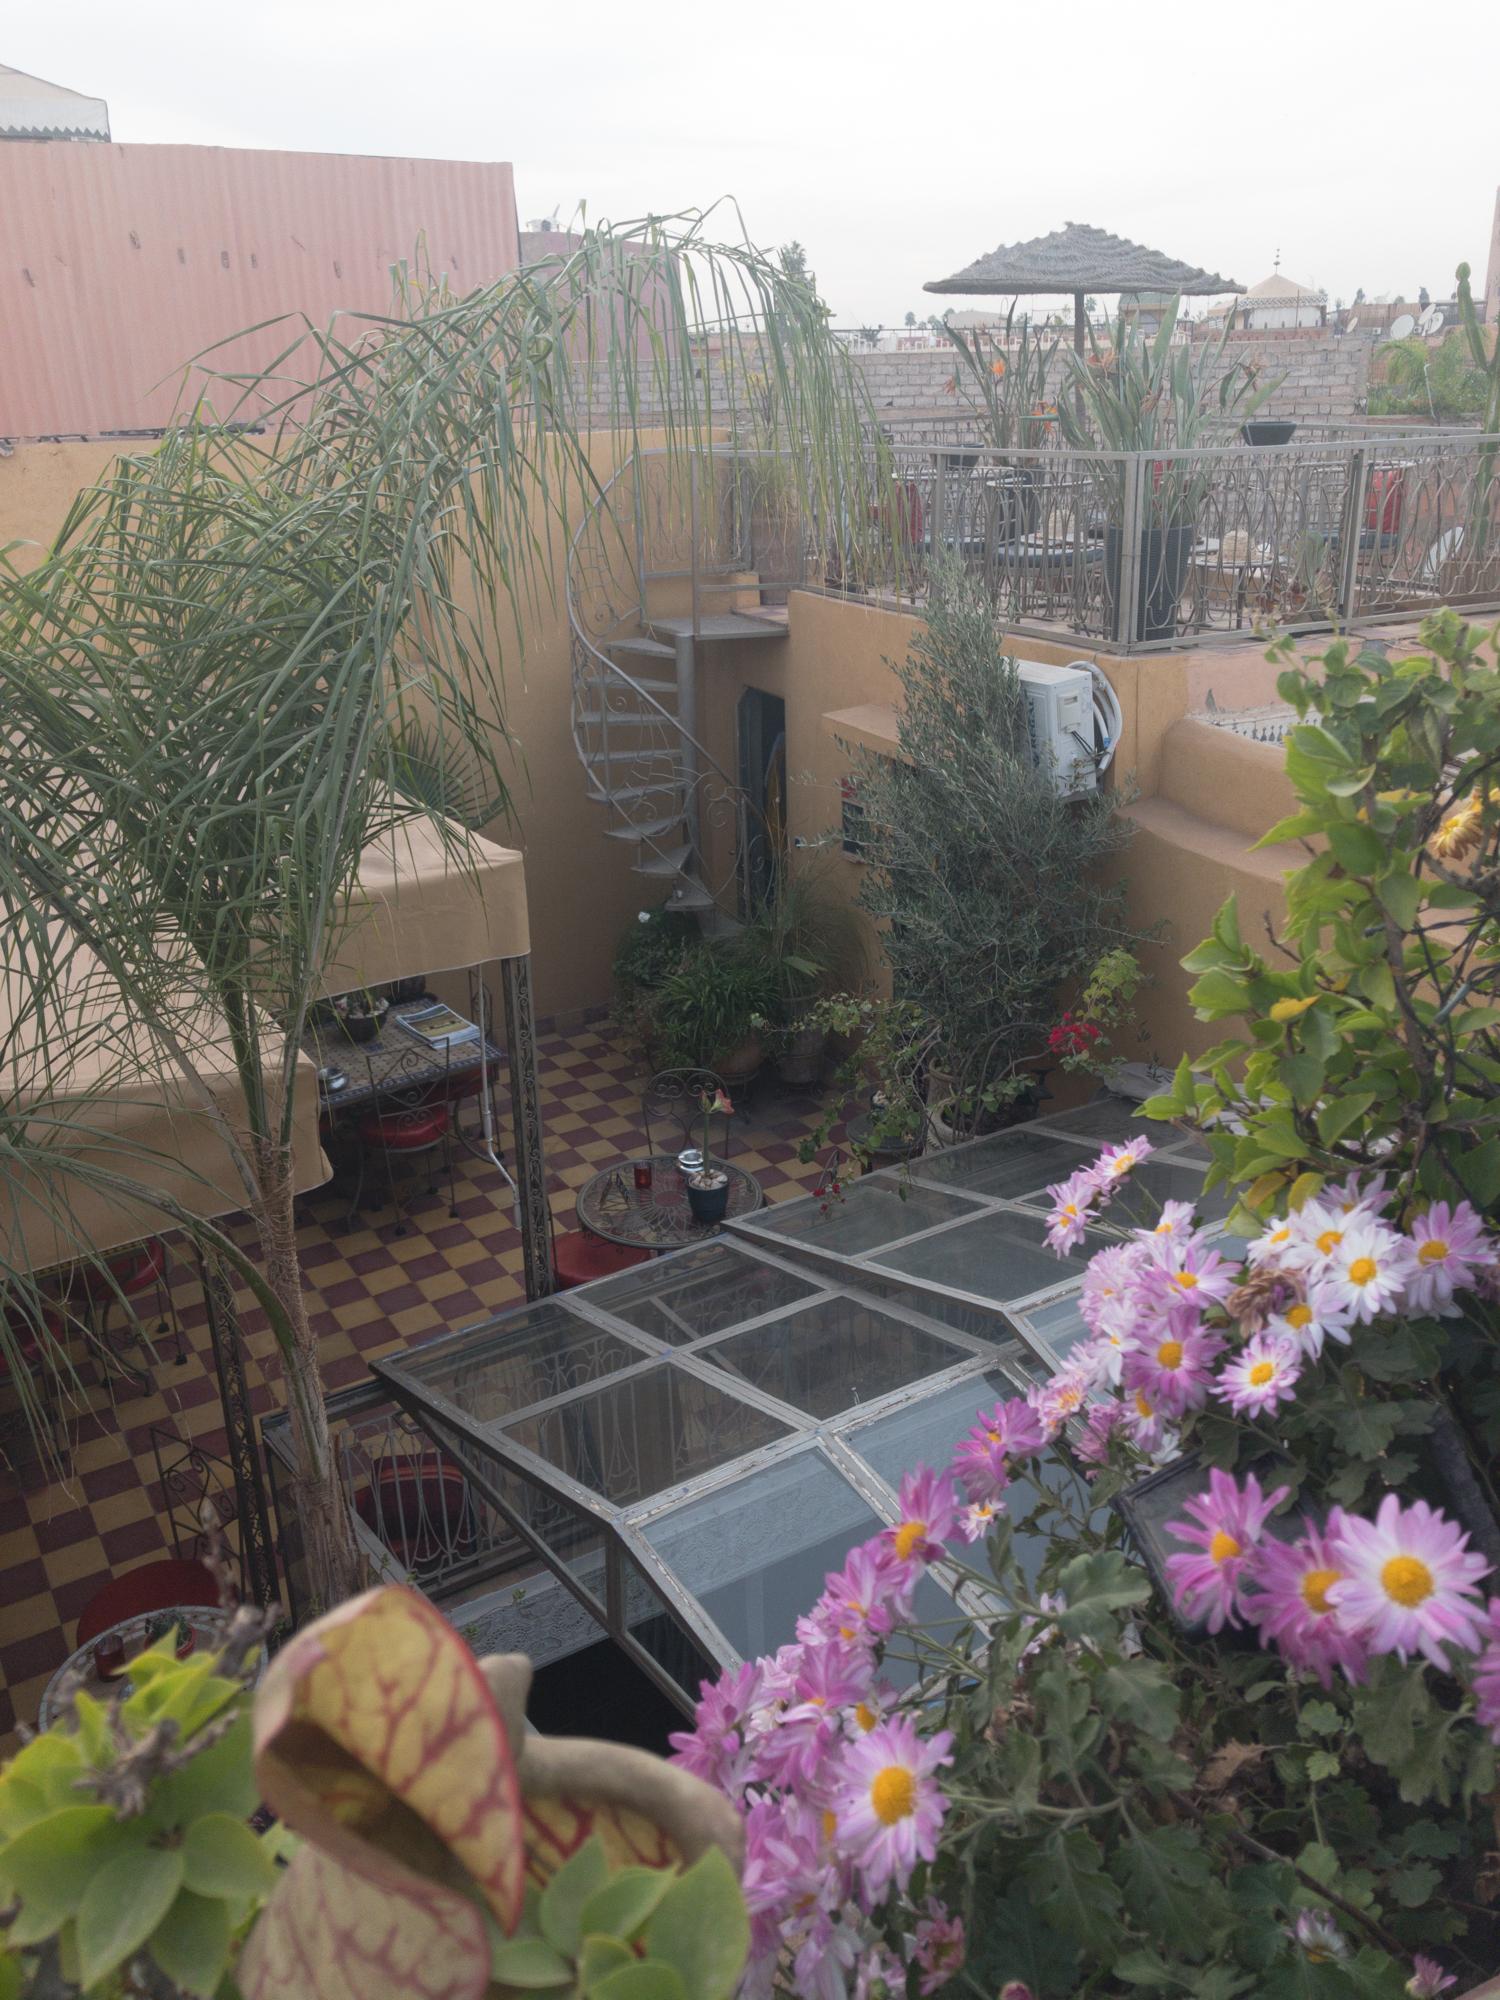 Marrakech_iPhone8+_Photos - Blog_Photos-60.jpg